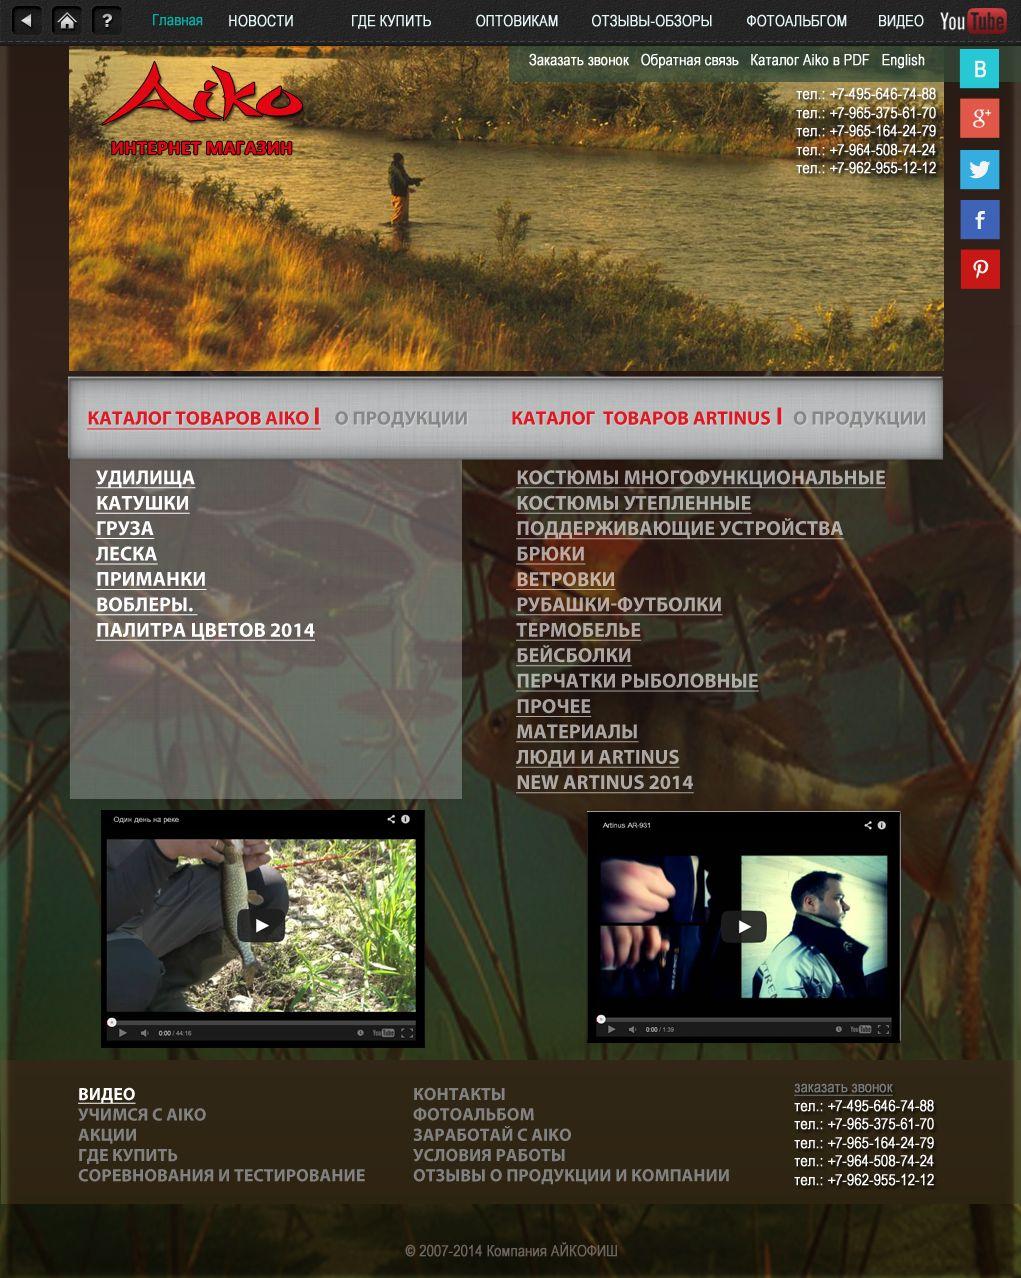 Редизайн сайта - дизайнер ieromka